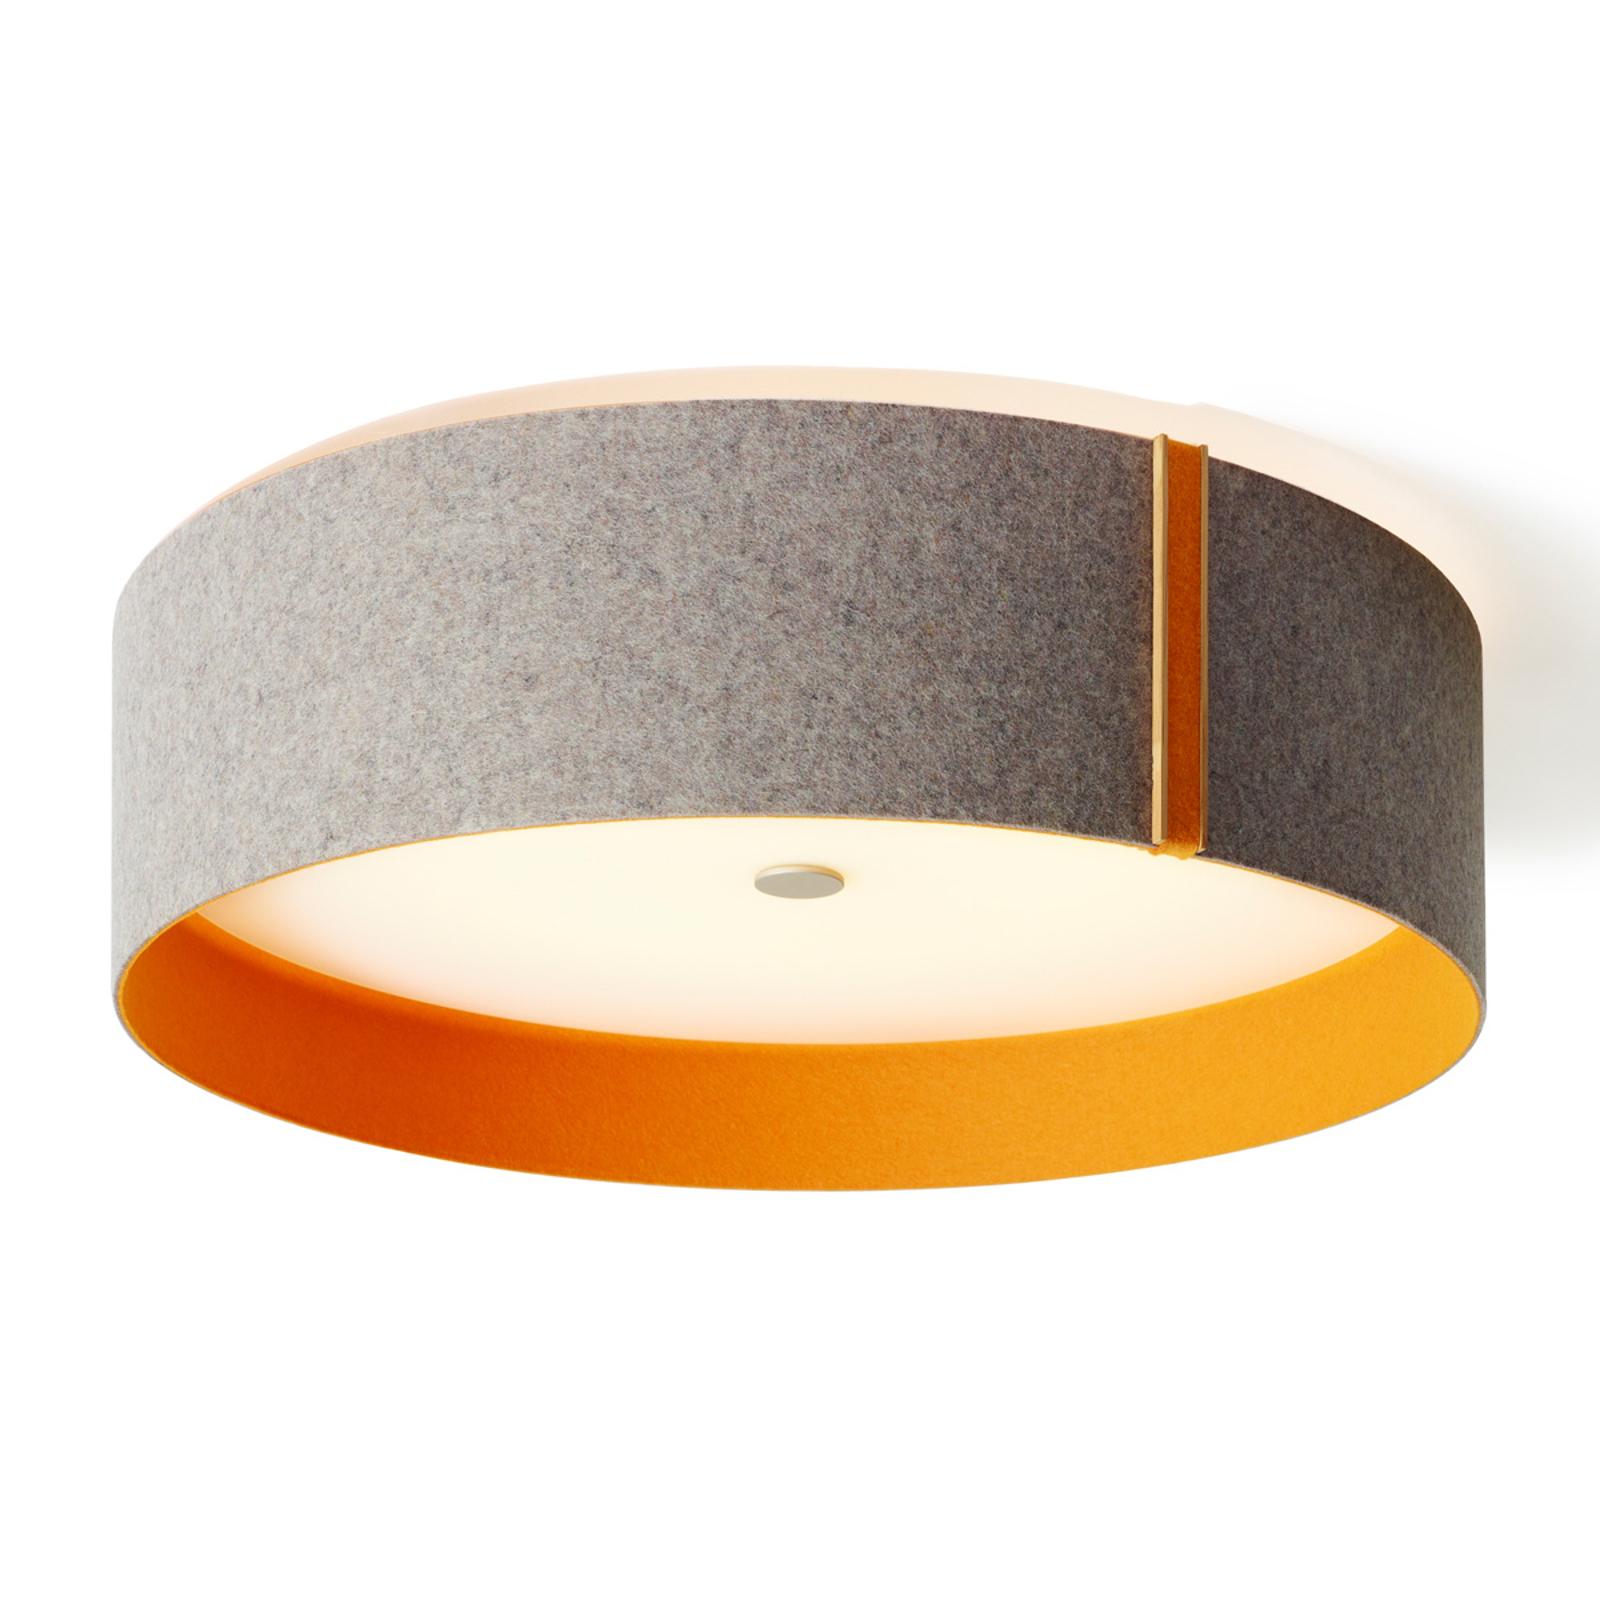 Lara felt plstěné stropní LED svítidlo šedá/oranž